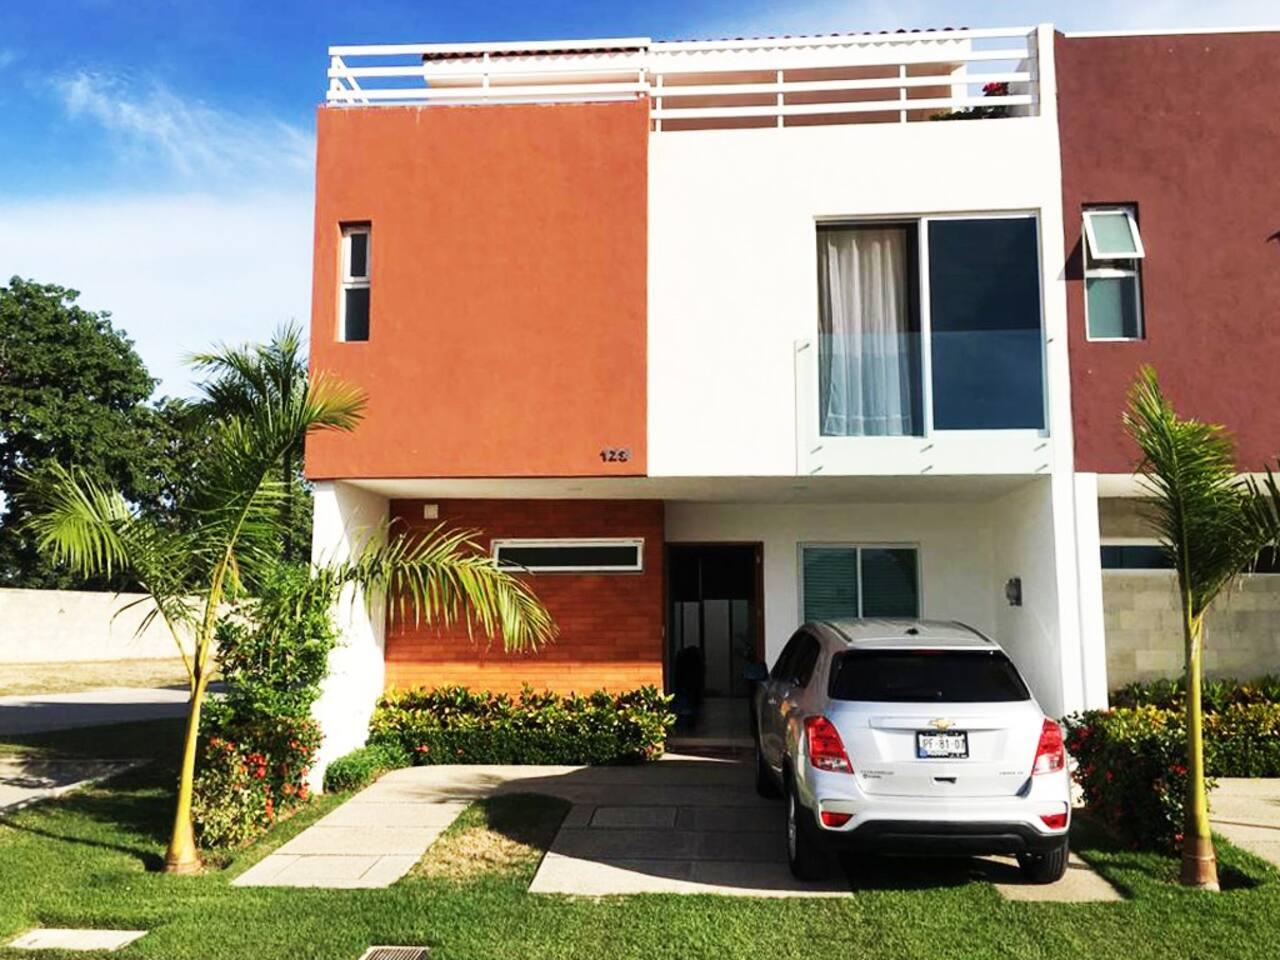 Hermosa casa de 3 recamaras, 3 baños, terraza y alberca. Ubicada a 5 minutos de la playa y a diez minutos del centro de la ciudad, malecón, aeropuerto, centros comerciales y la terminal marítima.